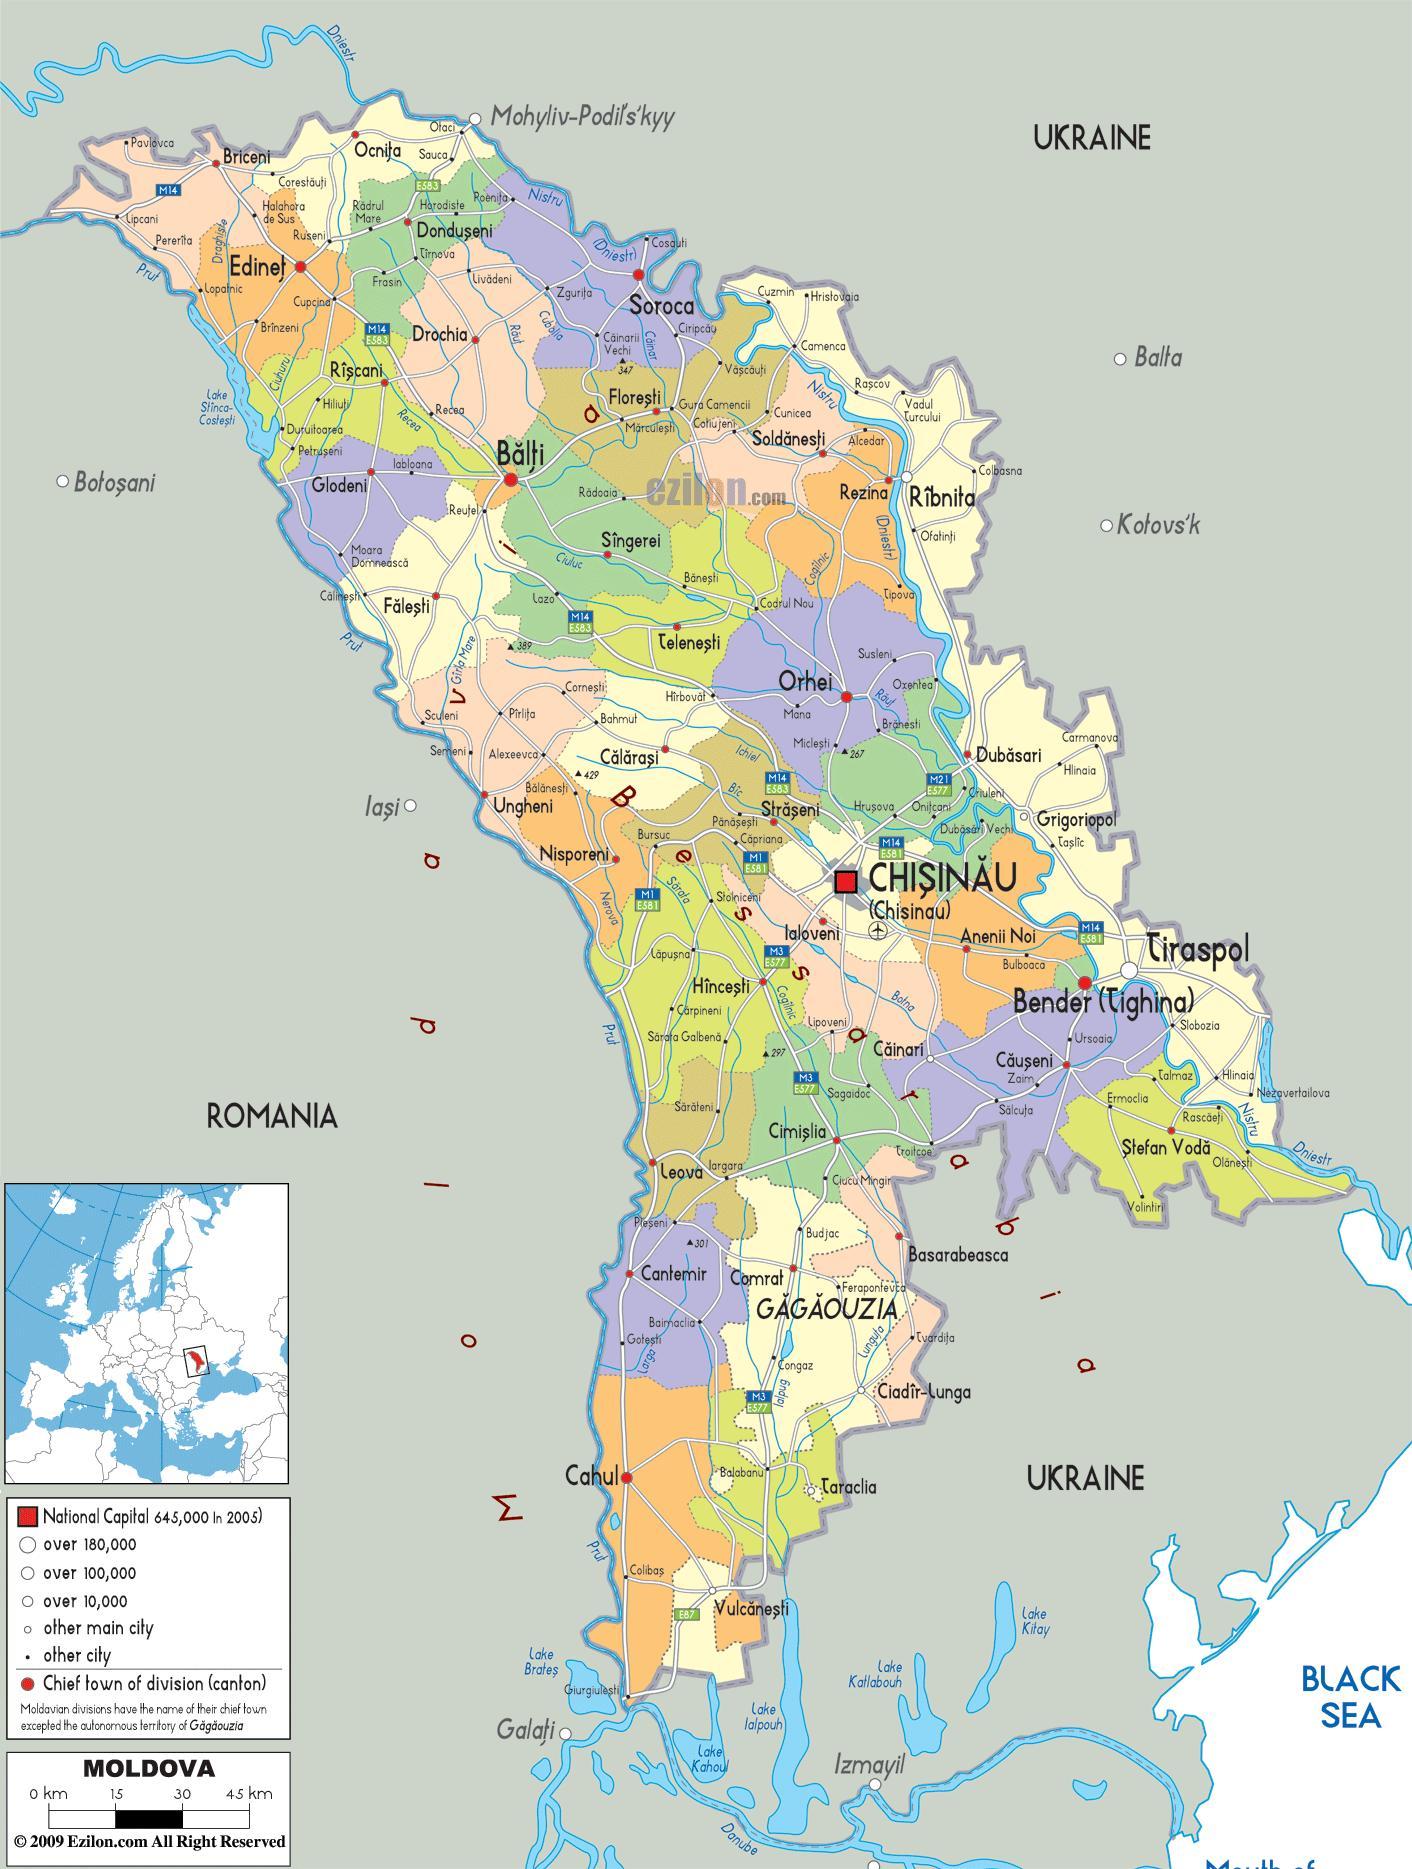 Moldawien Karte.Balti Moldawien Karte Belzy Moldau Karte Osteuropa Europa